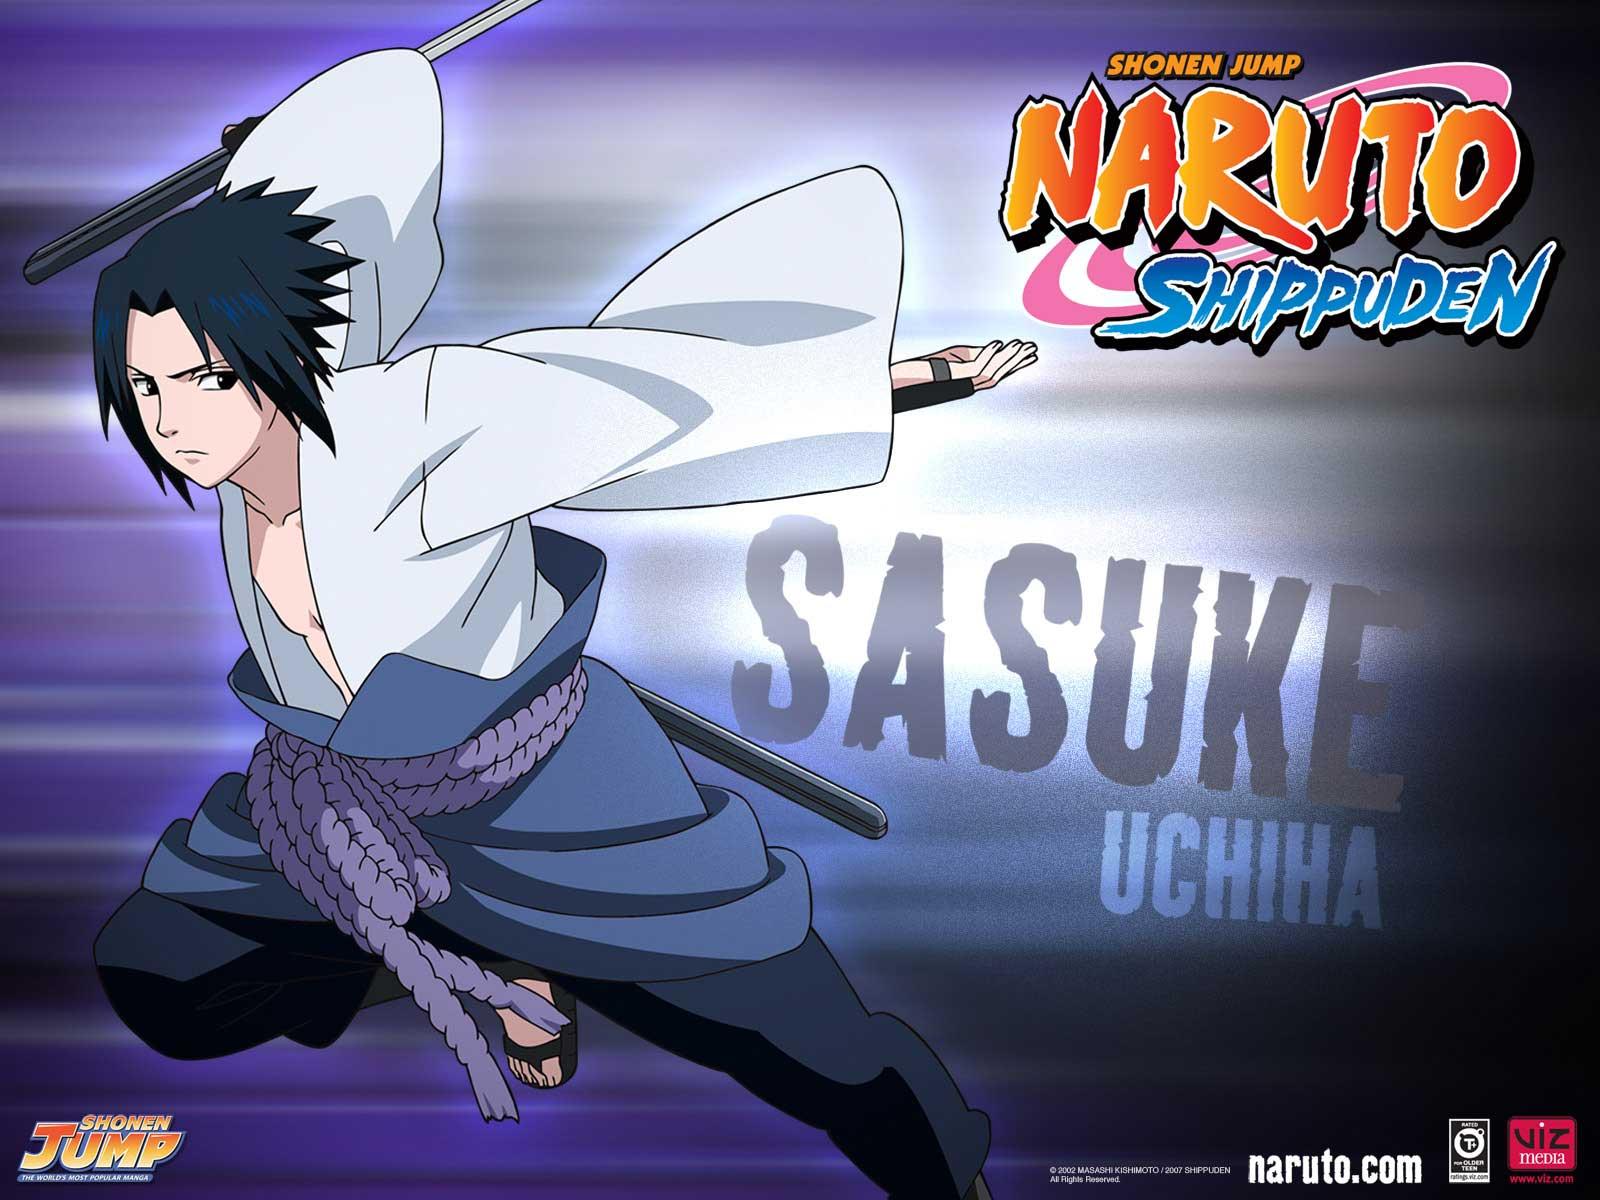 Naruto Shippuden - Uchiha Sasuke